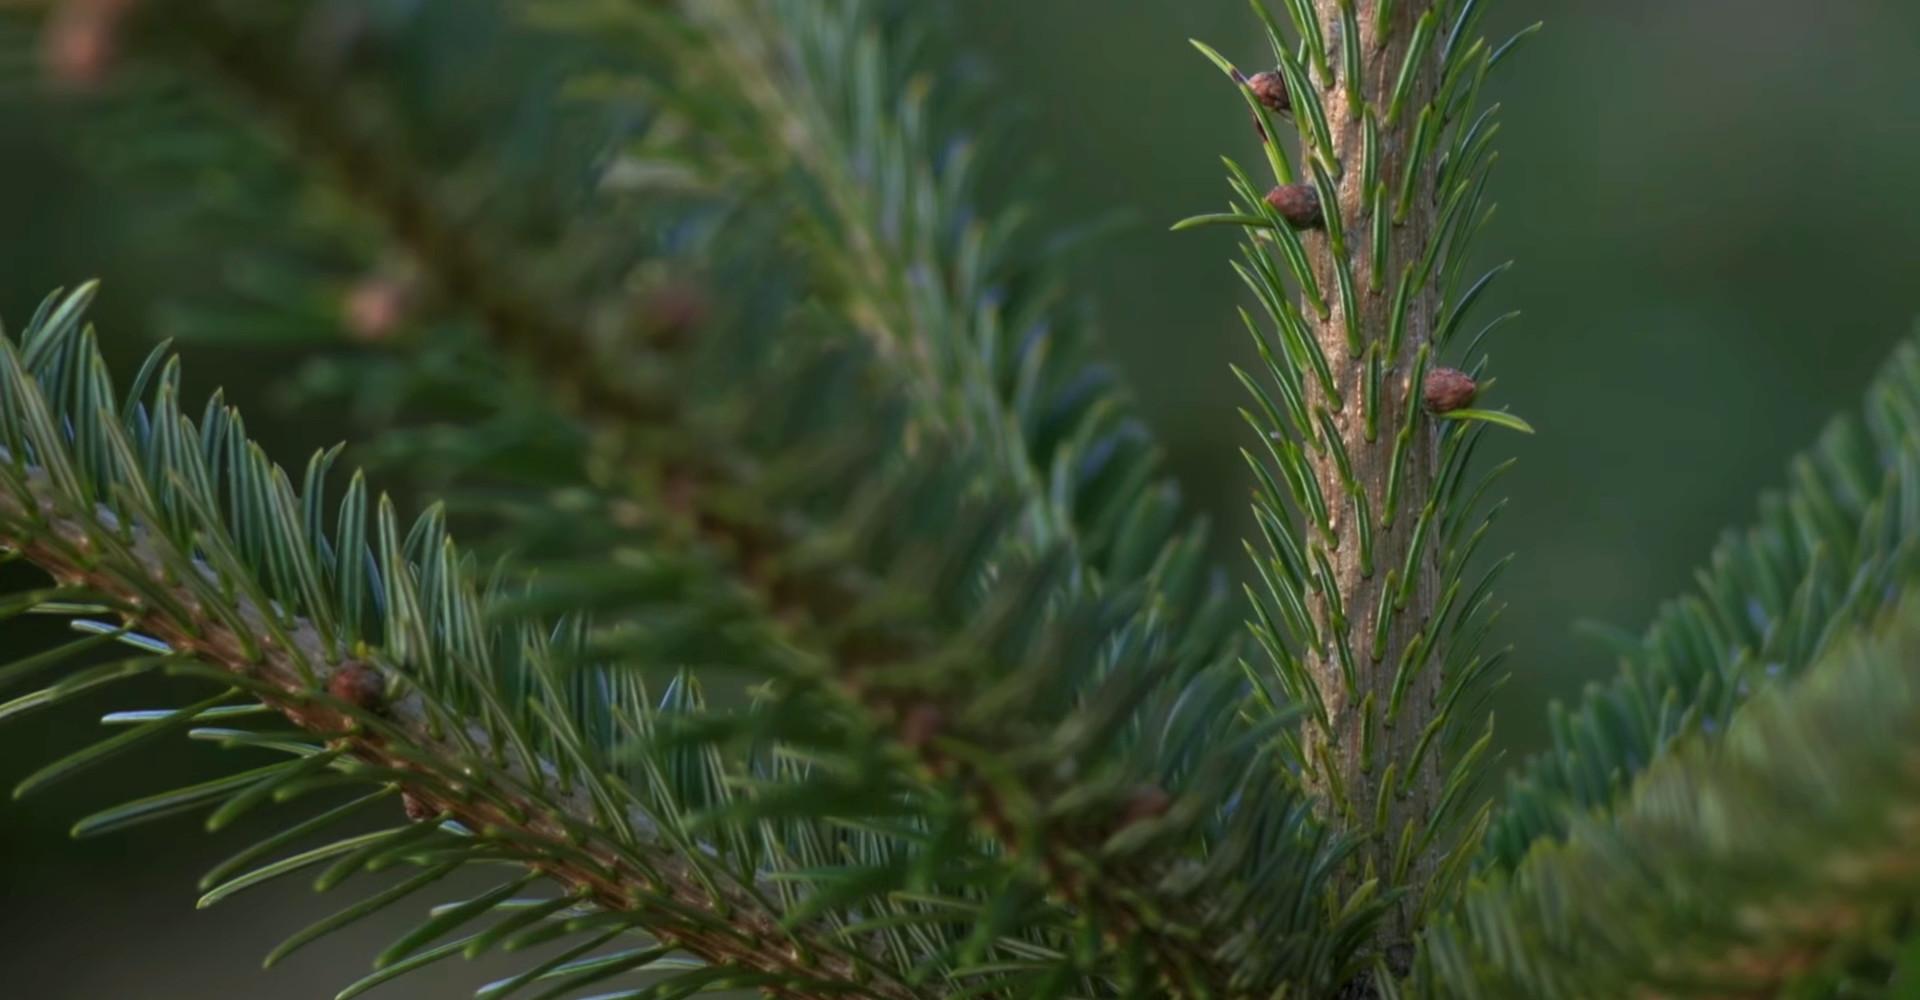 De mooiste Nordmann Excellent kerstbomen in Nieuw-Vennep vanaf € 15,-